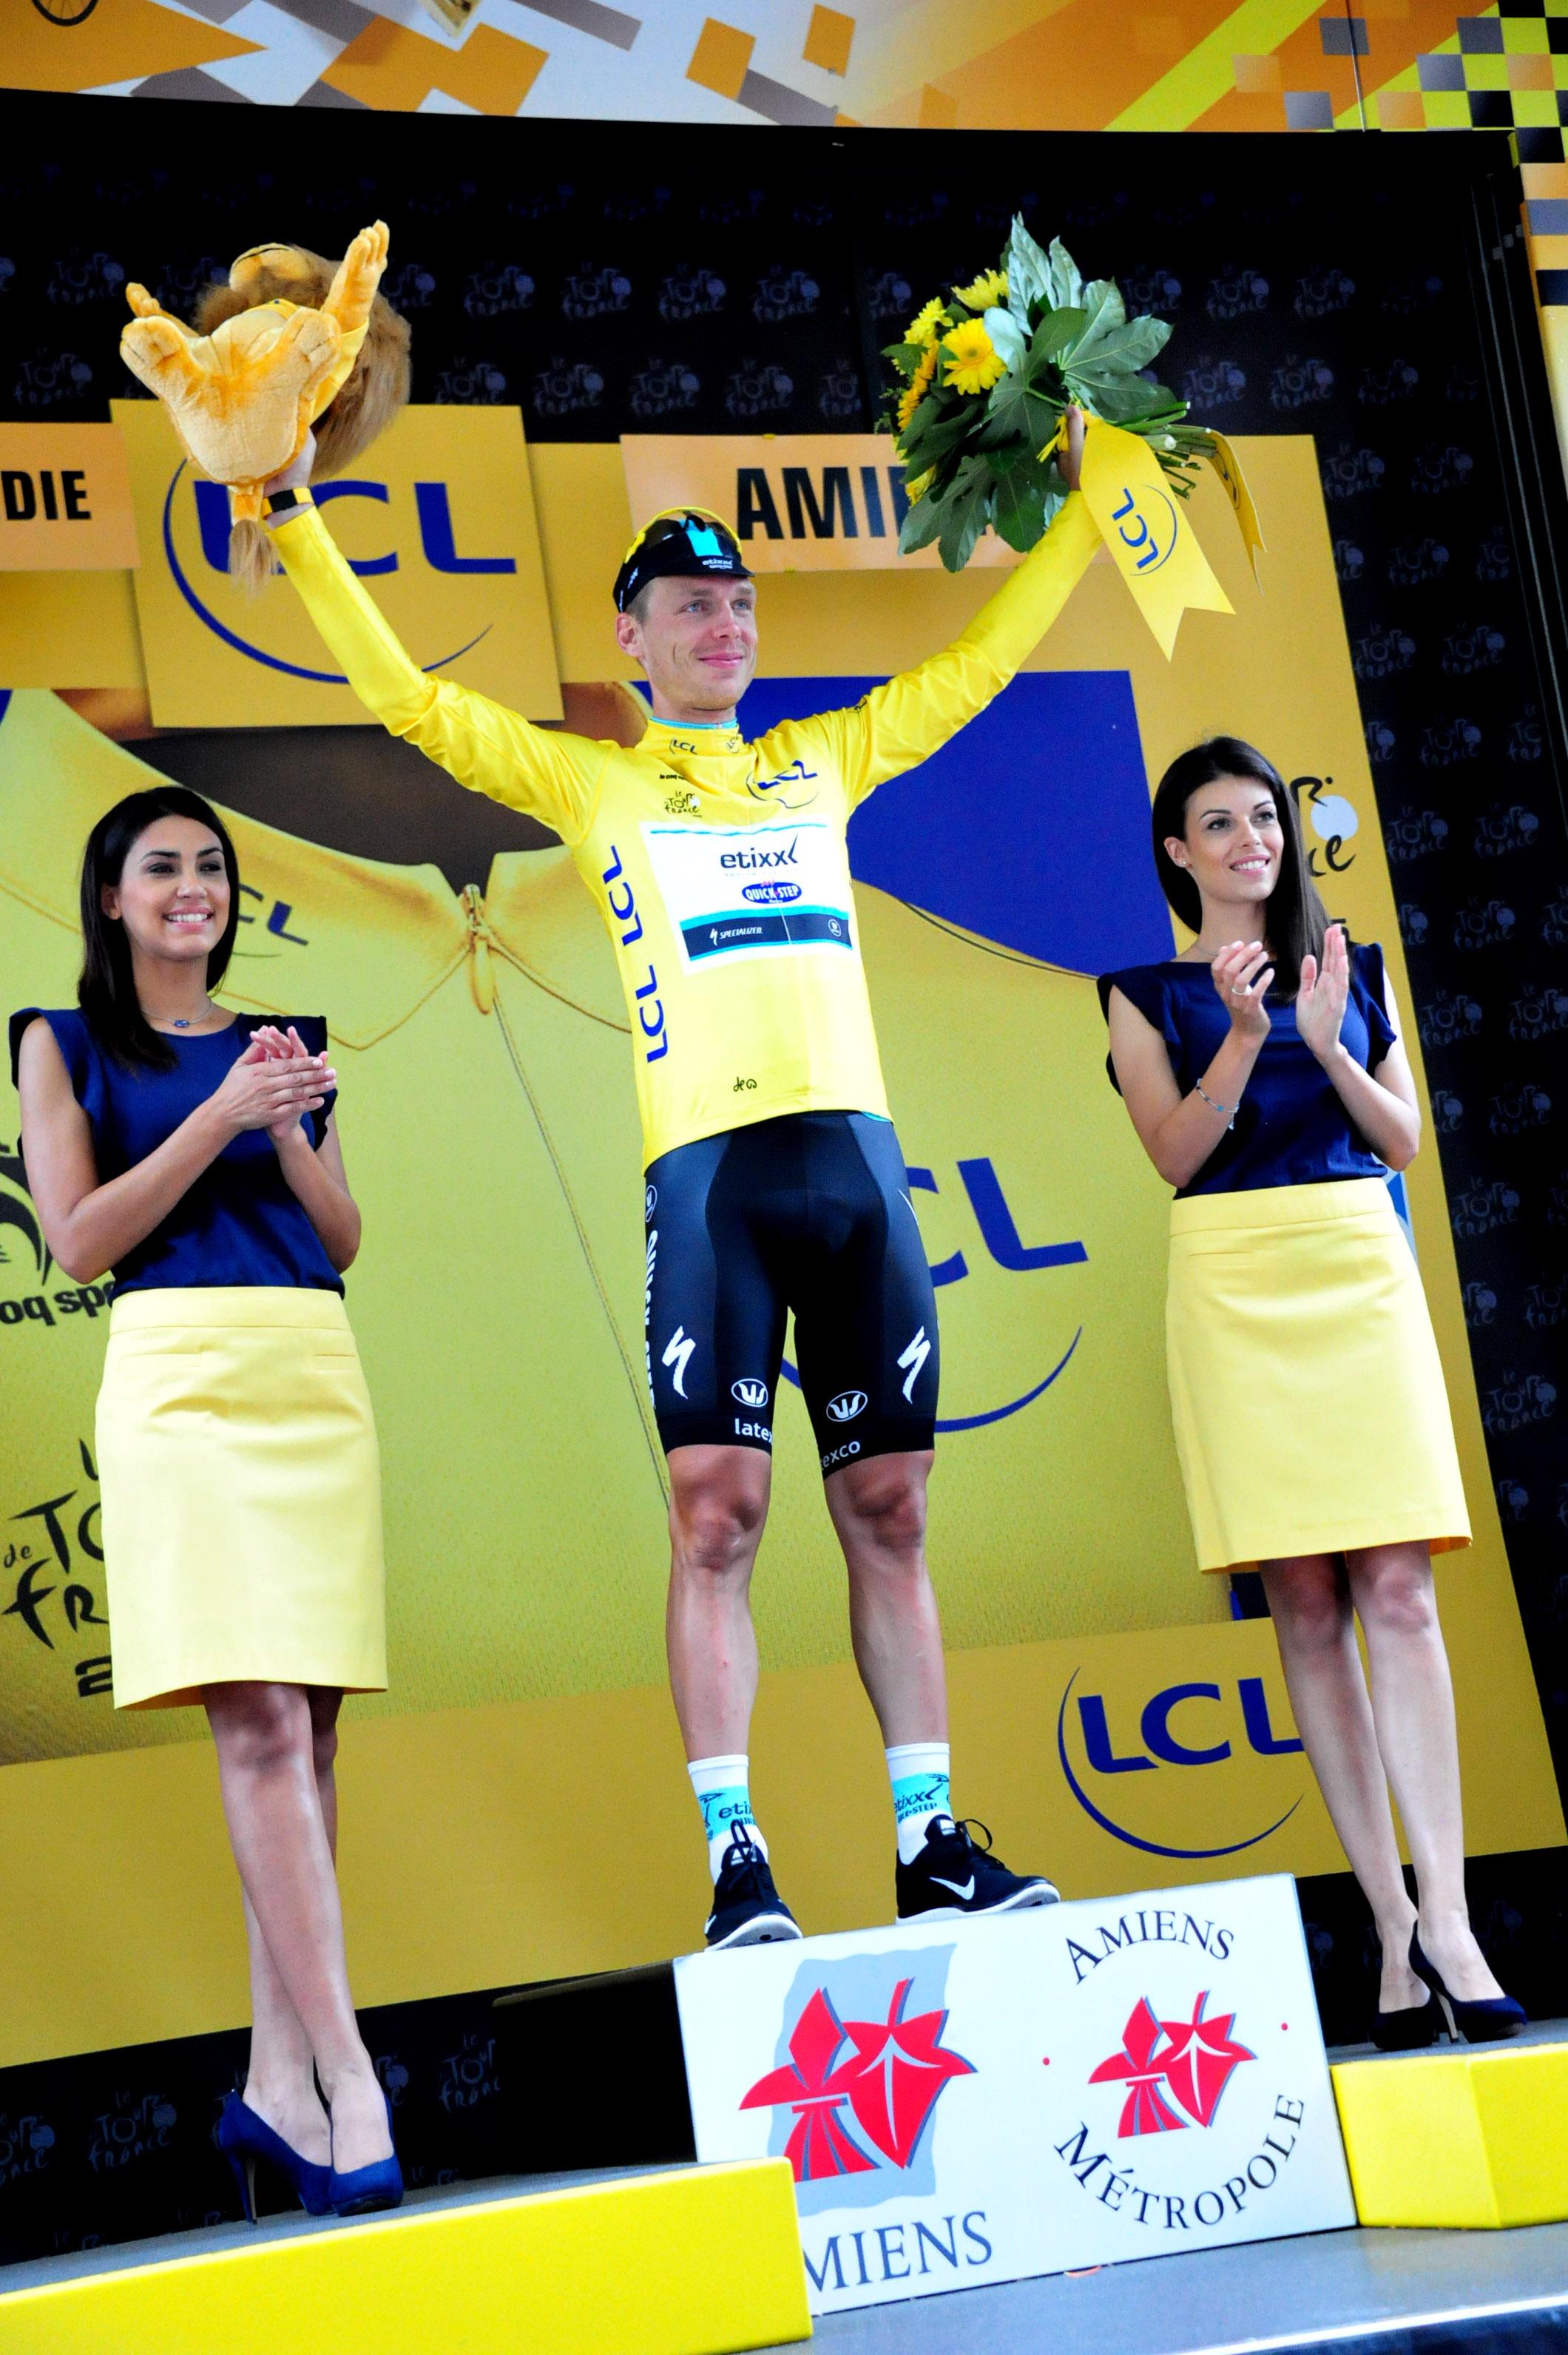 Tour de France 2015 - 5. Etappe - Tony Martin